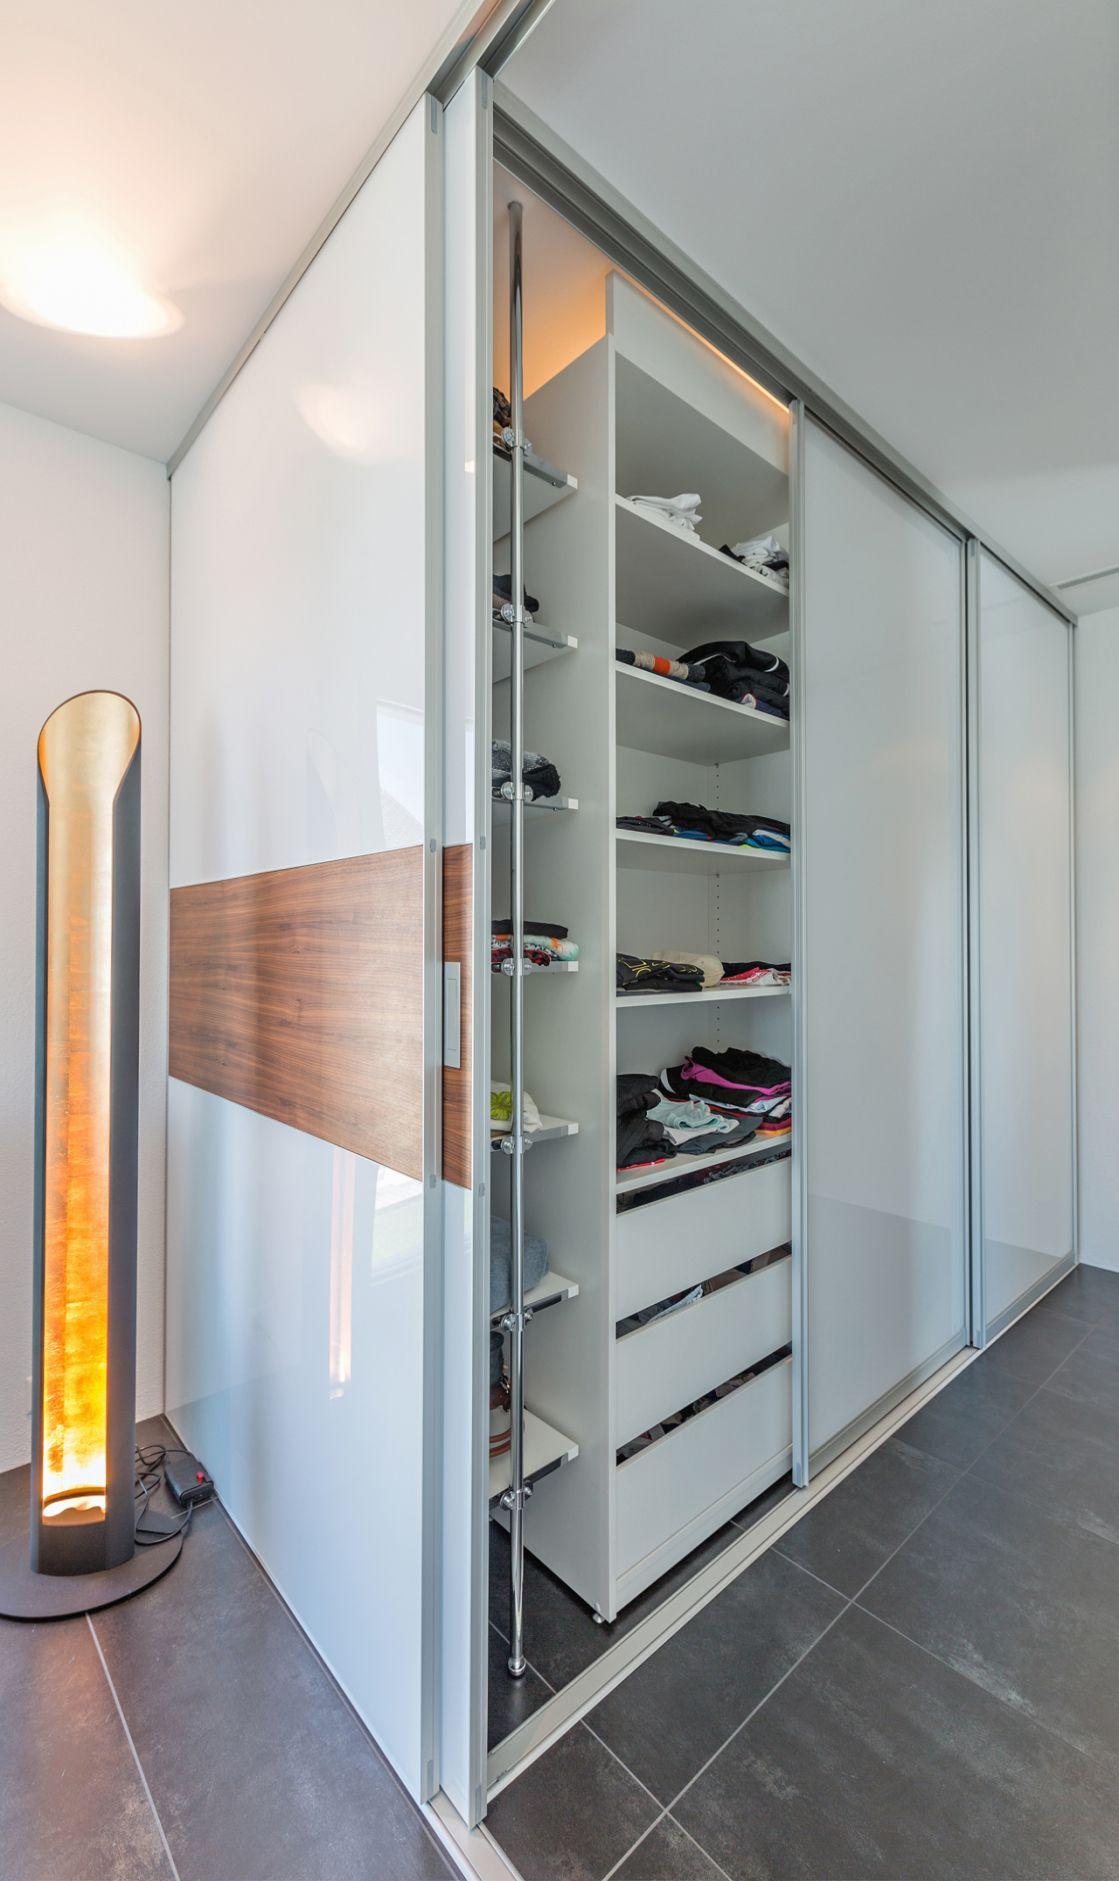 Als Raumteiler Ruckwand Verkleiden Kleiderschrank Kleiderschrank